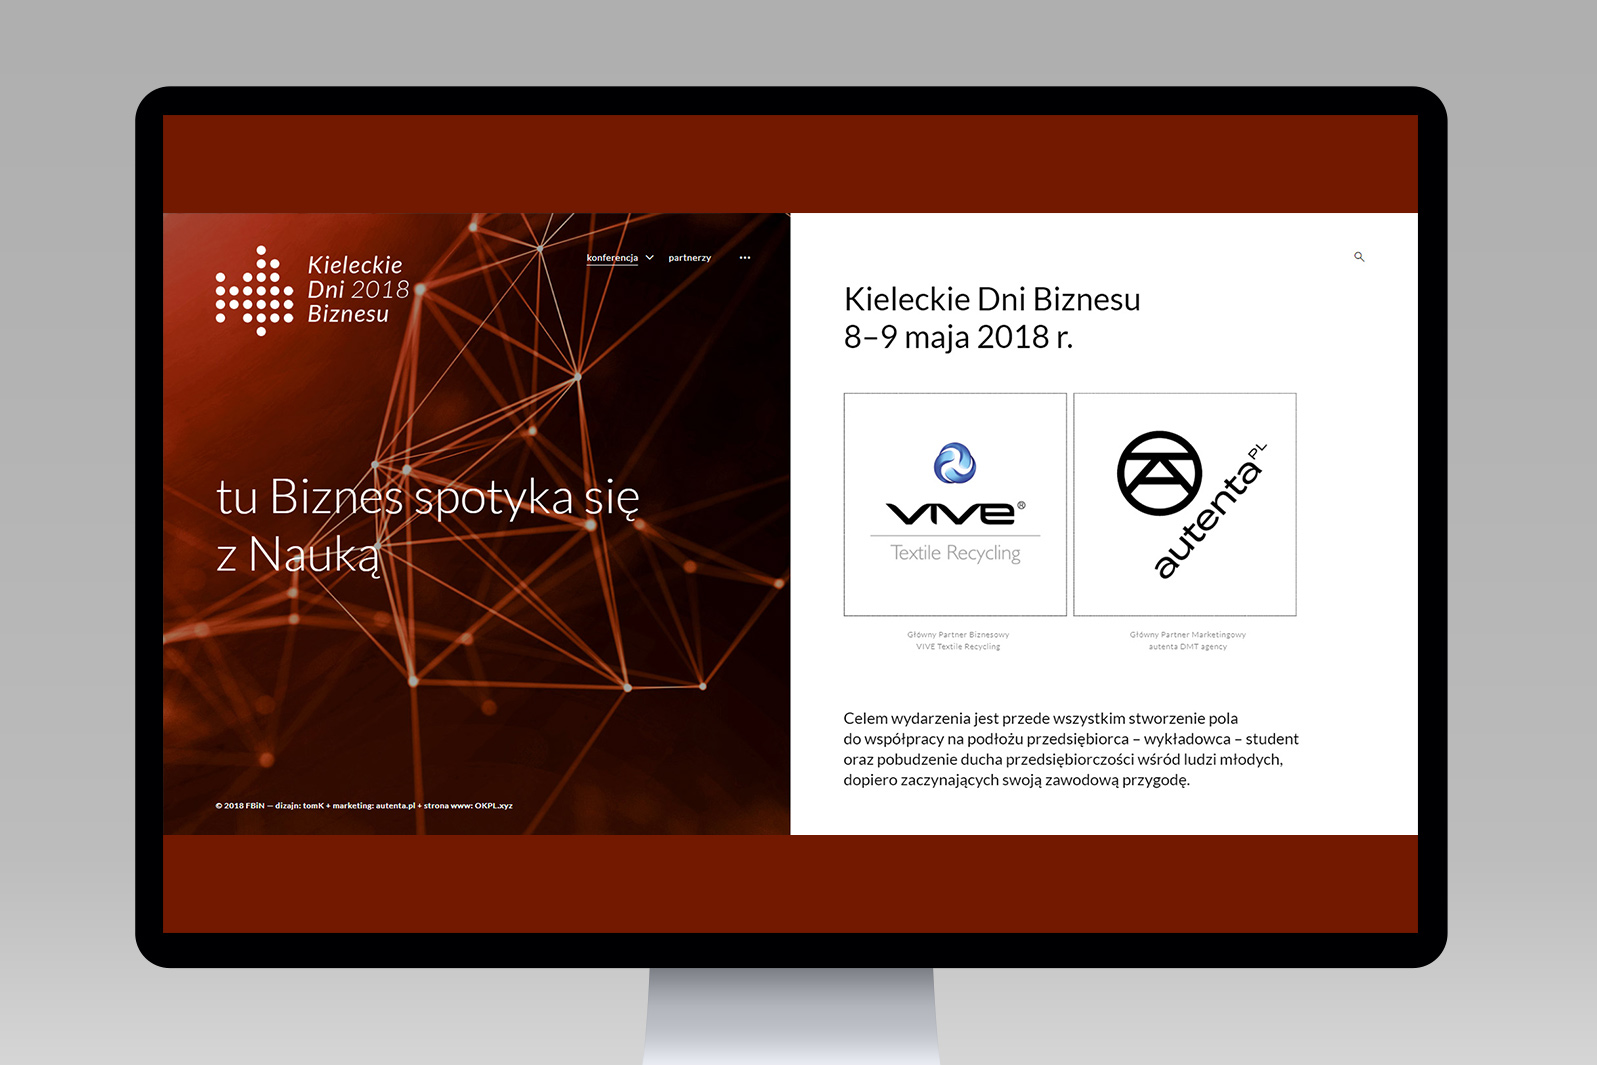 Projekt iwdrożenie responsywnej strony internetowej dla Kieleckich Dni Biznesu